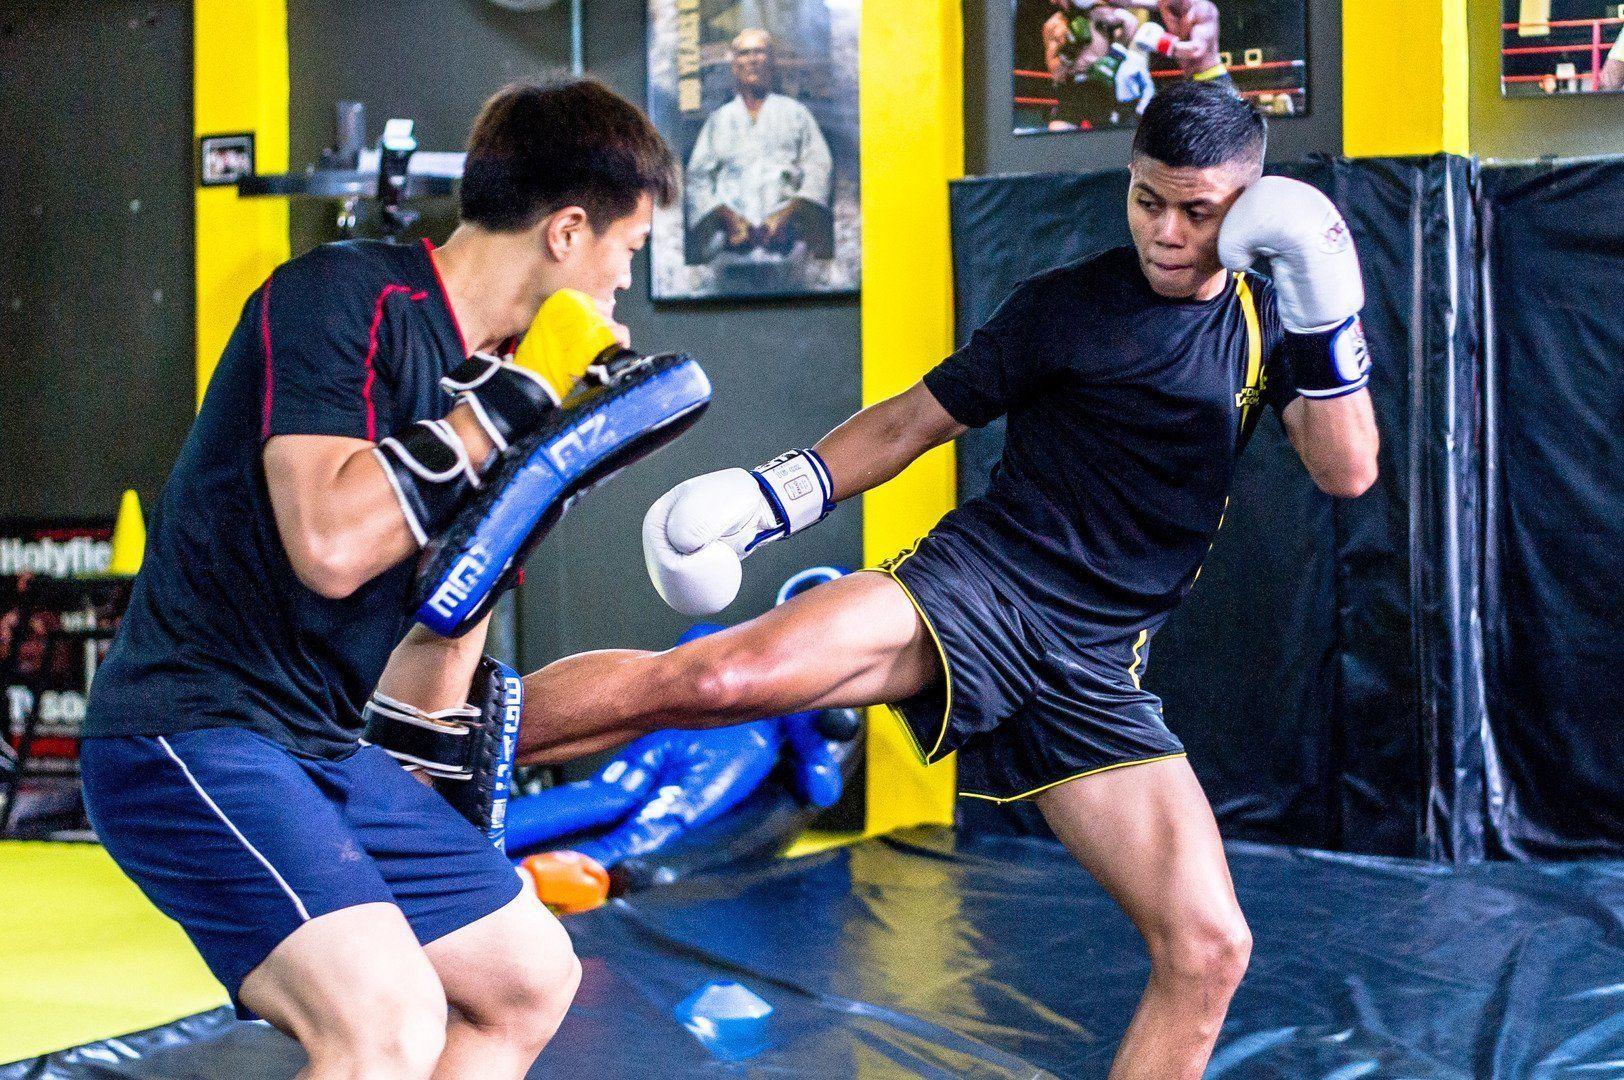 シンガポールのジム、Juggemaut Fight Clubでのムエタイのトレーニング風景